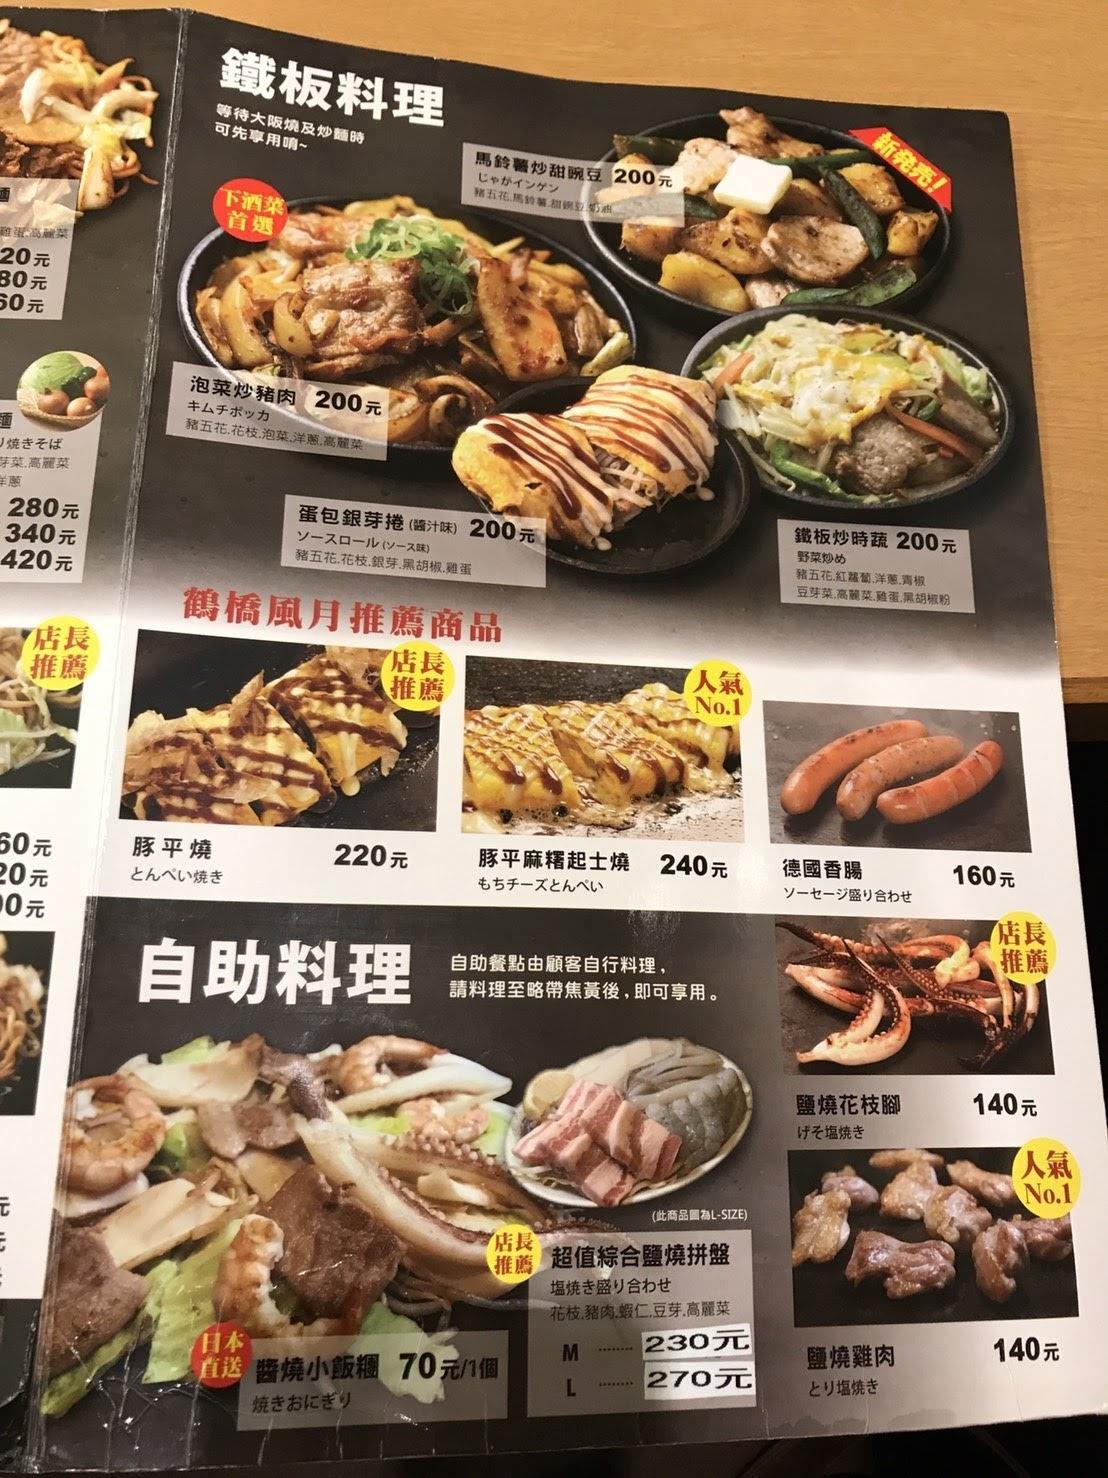 鶴橋風月菜單